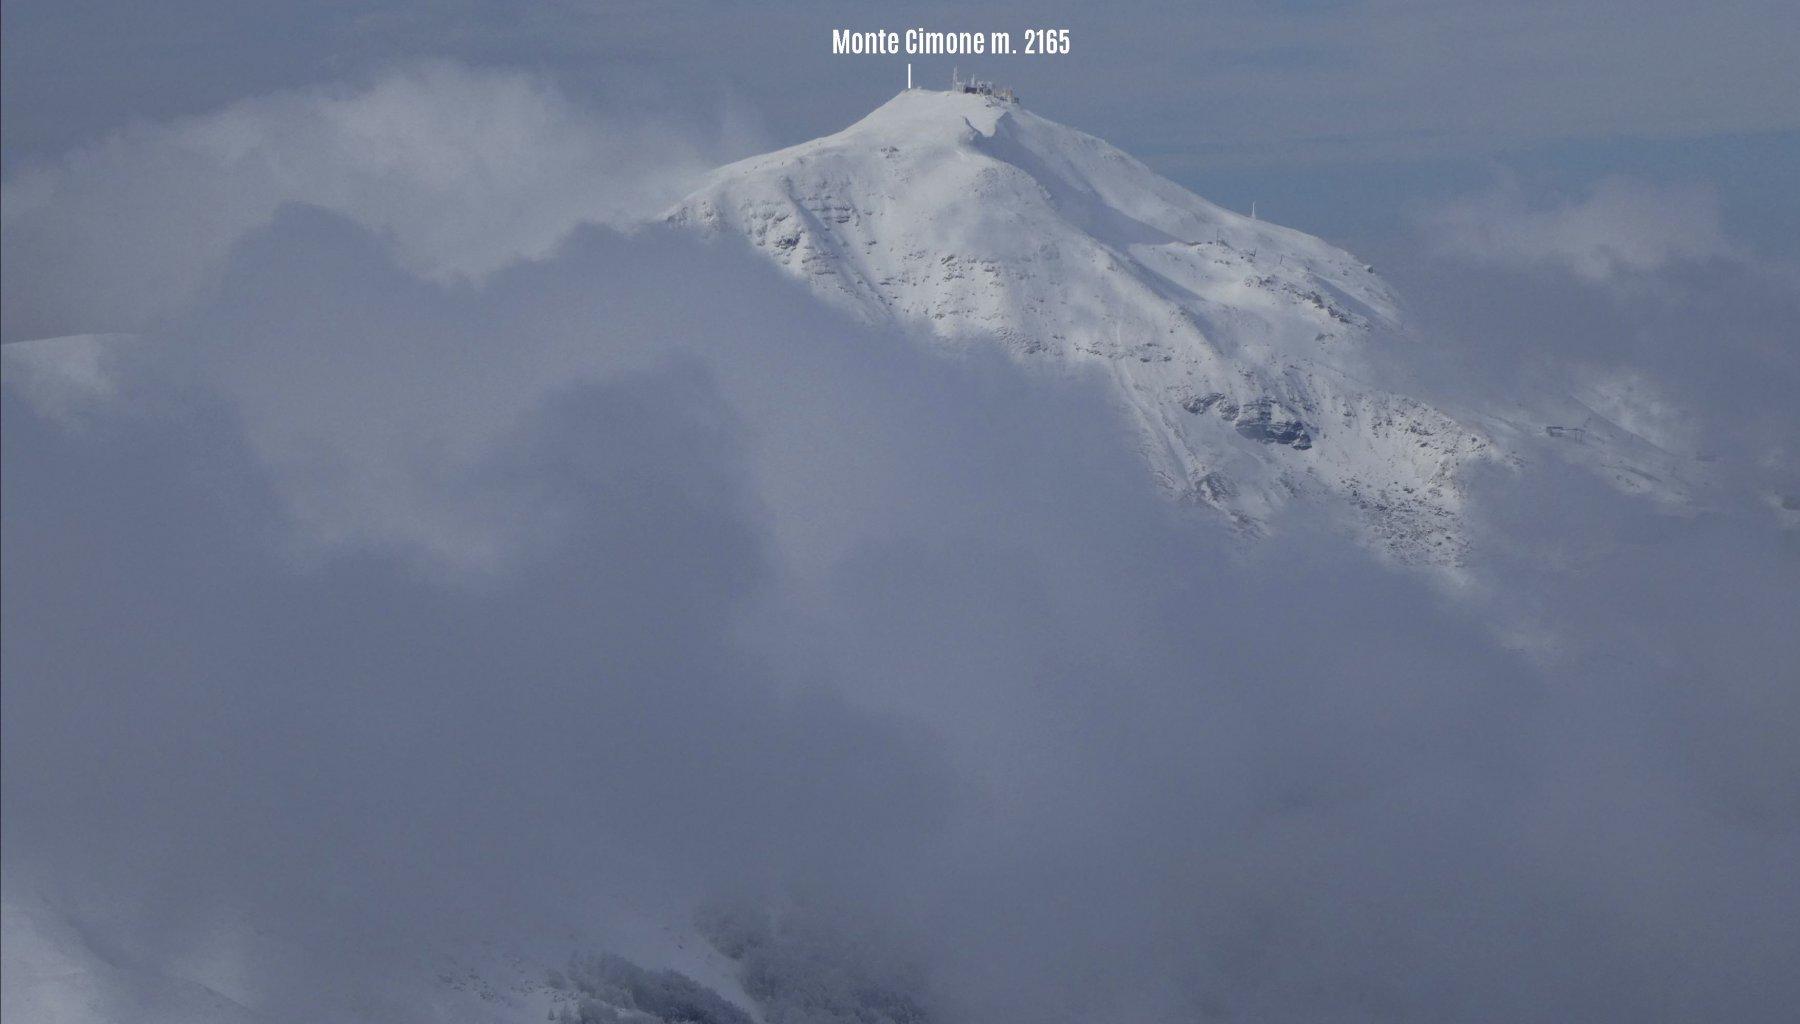 colpo d'occhio dalla vetta verso il Monte Cimone